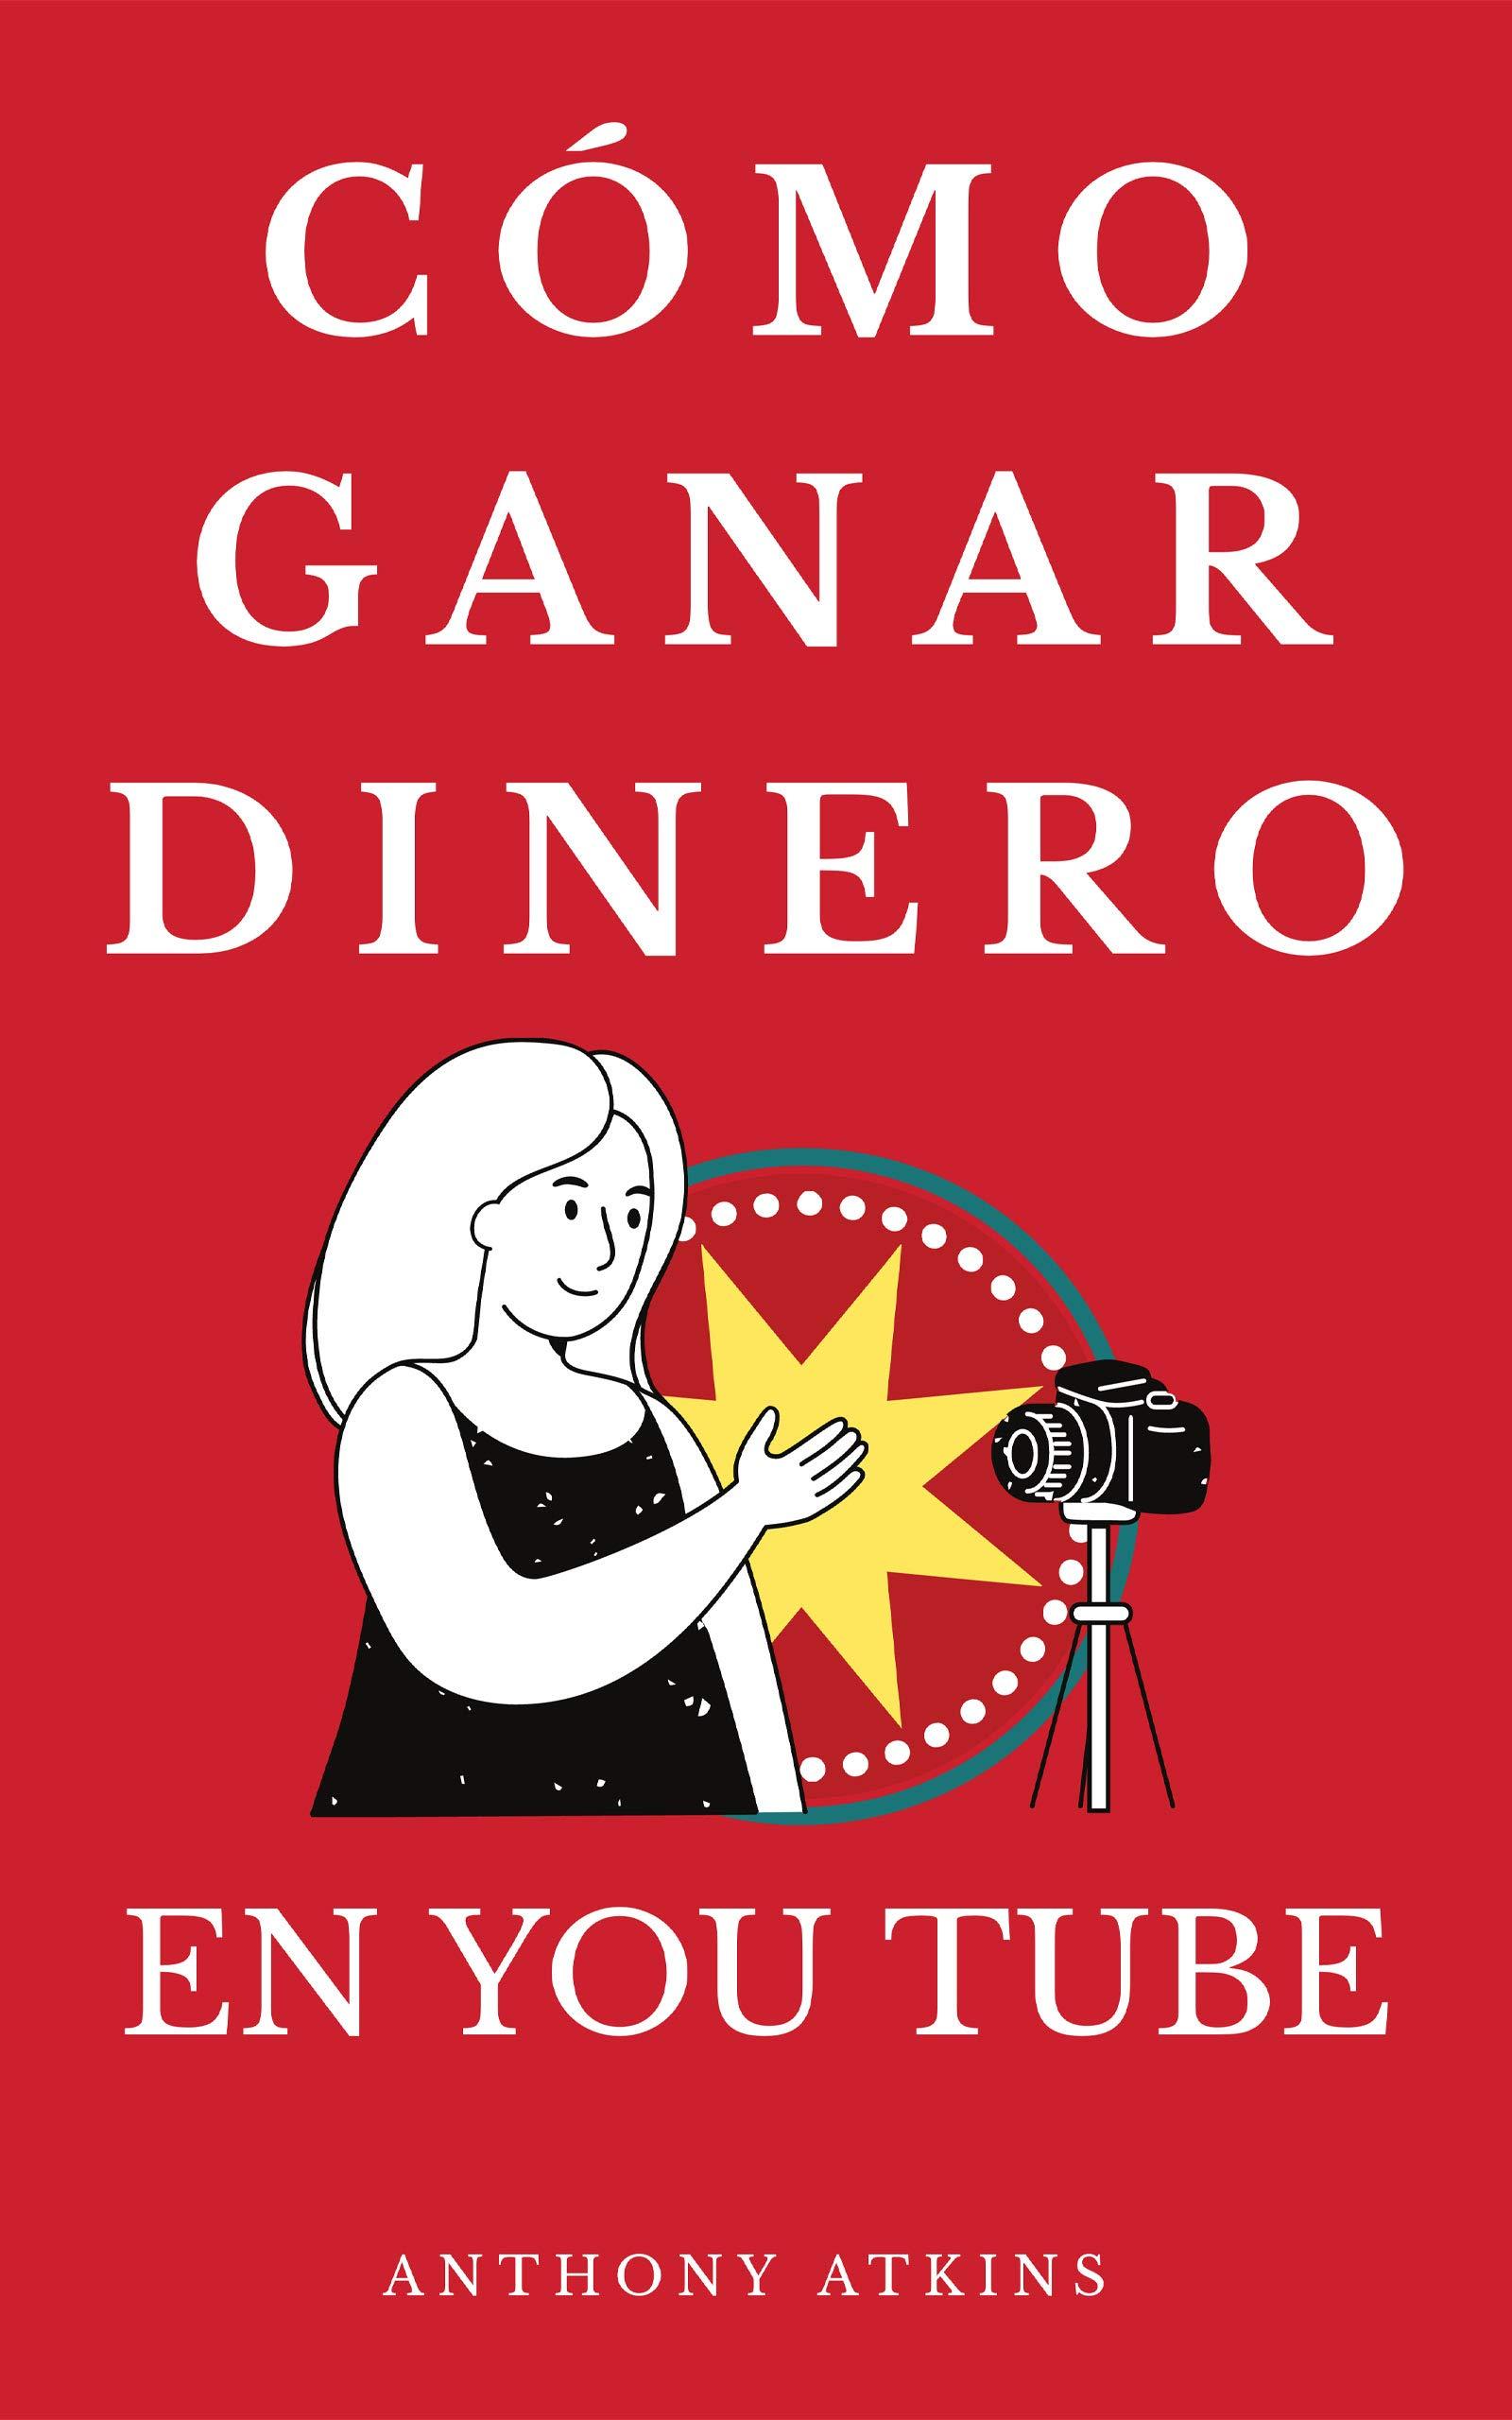 CÓMO GANAR DINERO EN YOUTUBE: Descubre como puedes ganar dinero en you tube desde cero (Spanish Edition)